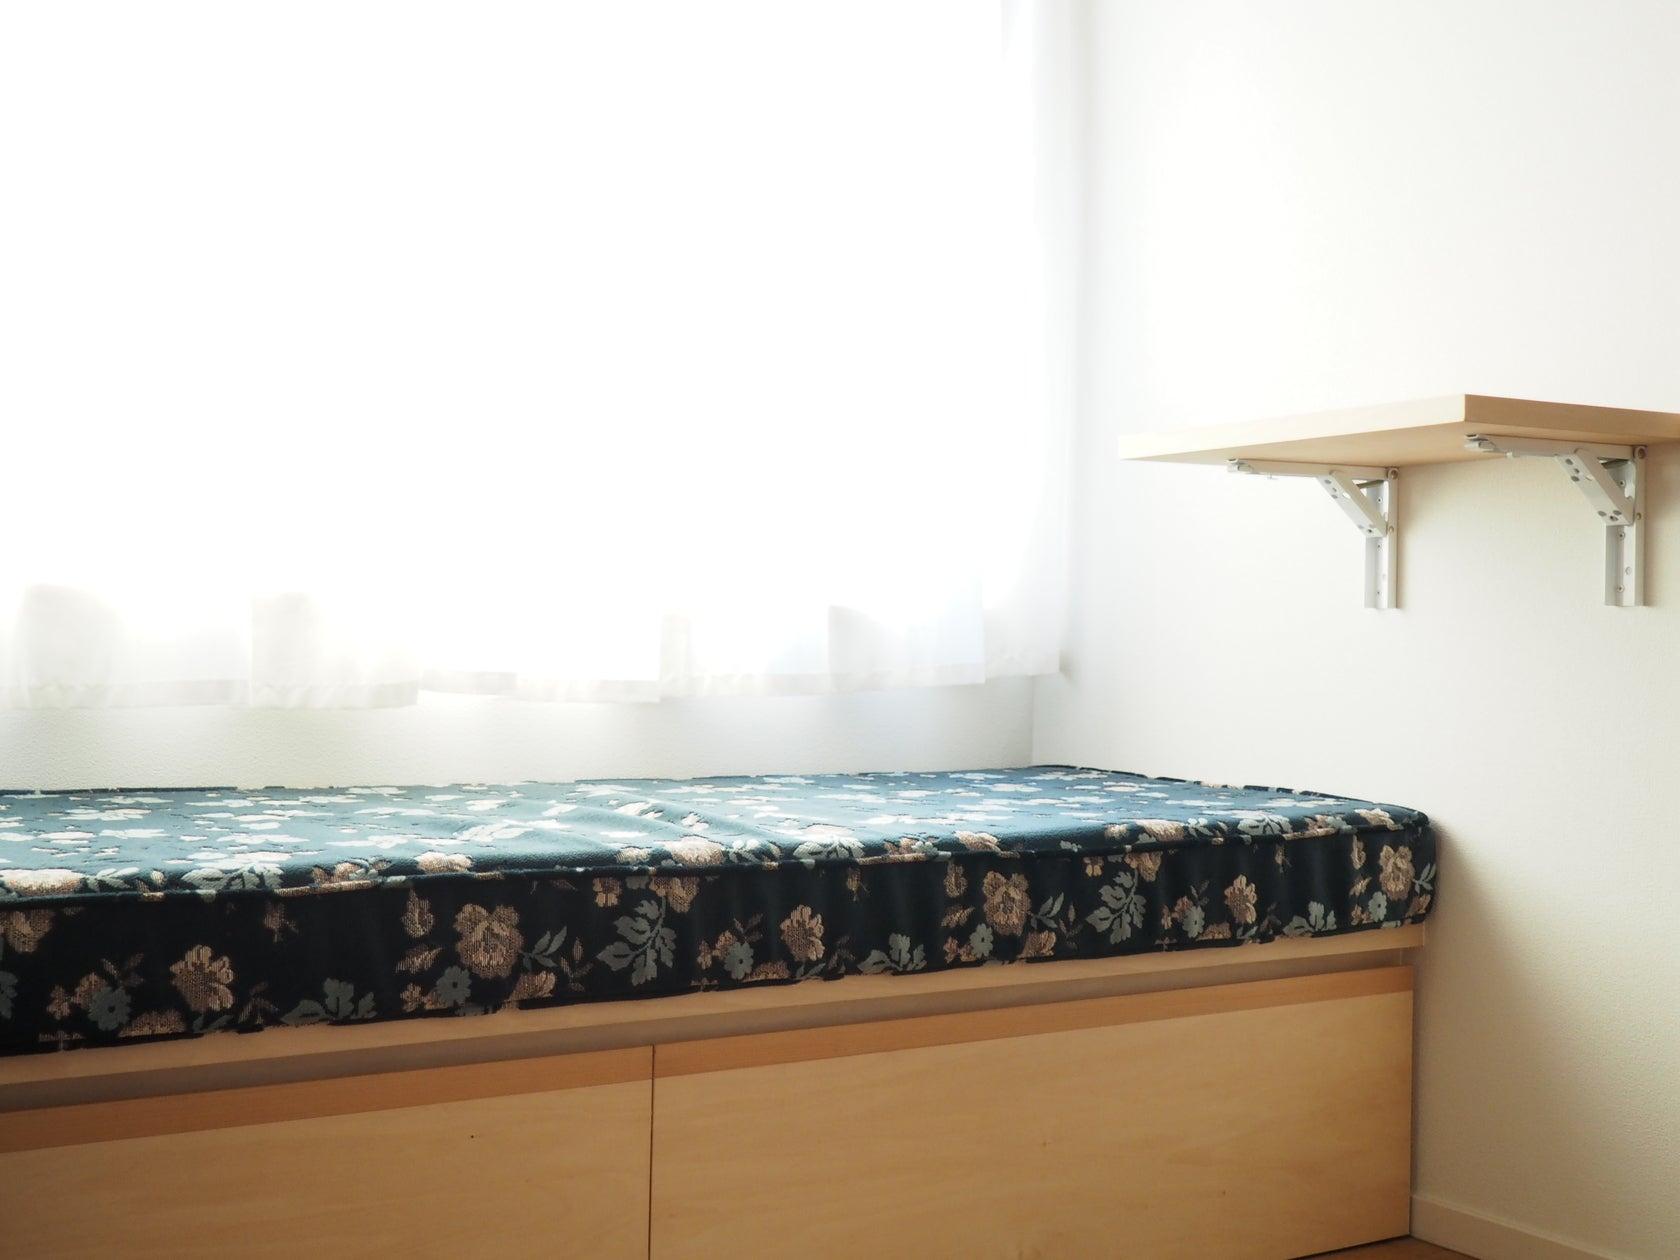 茨城県鹿嶋市小さなカフェ<キッチン利用なし> 講習会、イベント、ロケ撮影に。最大10名まで。 の写真